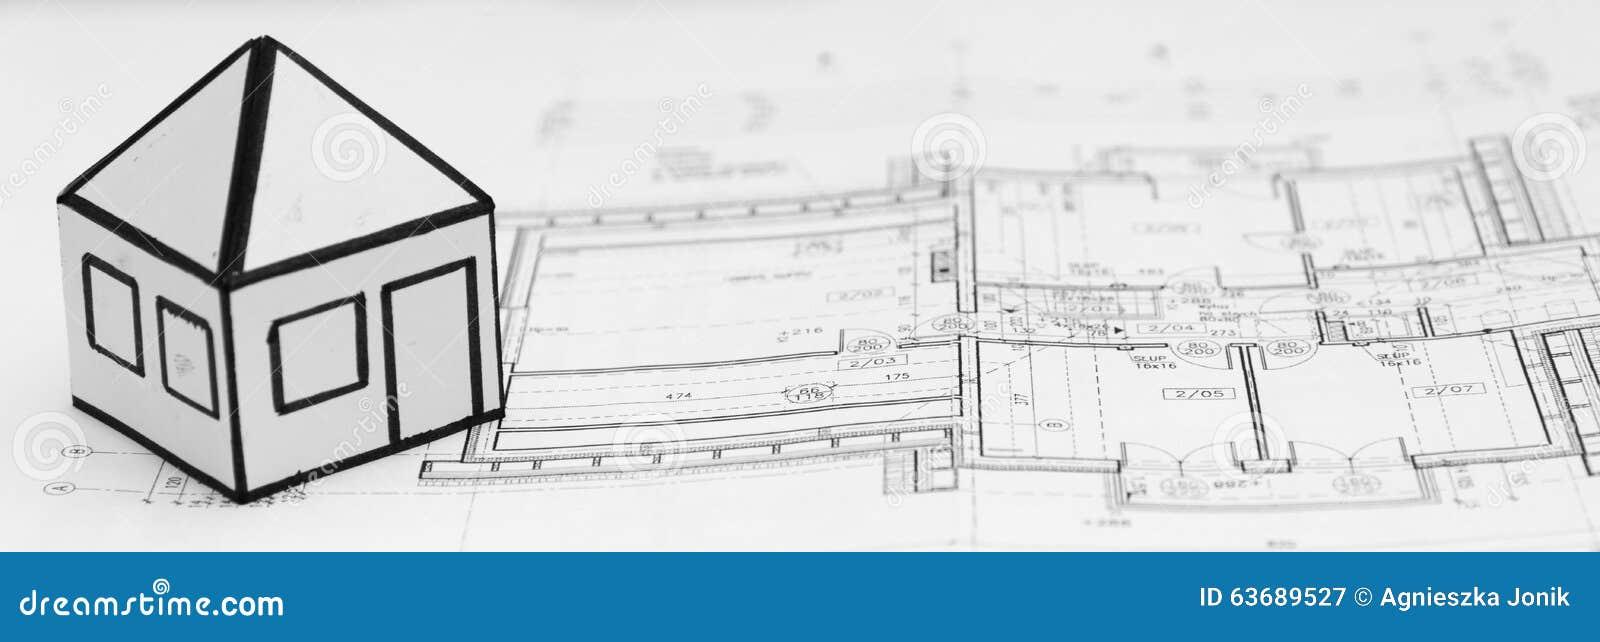 Concours D Architecture étude Et Suivi Pour La Réalisation Un